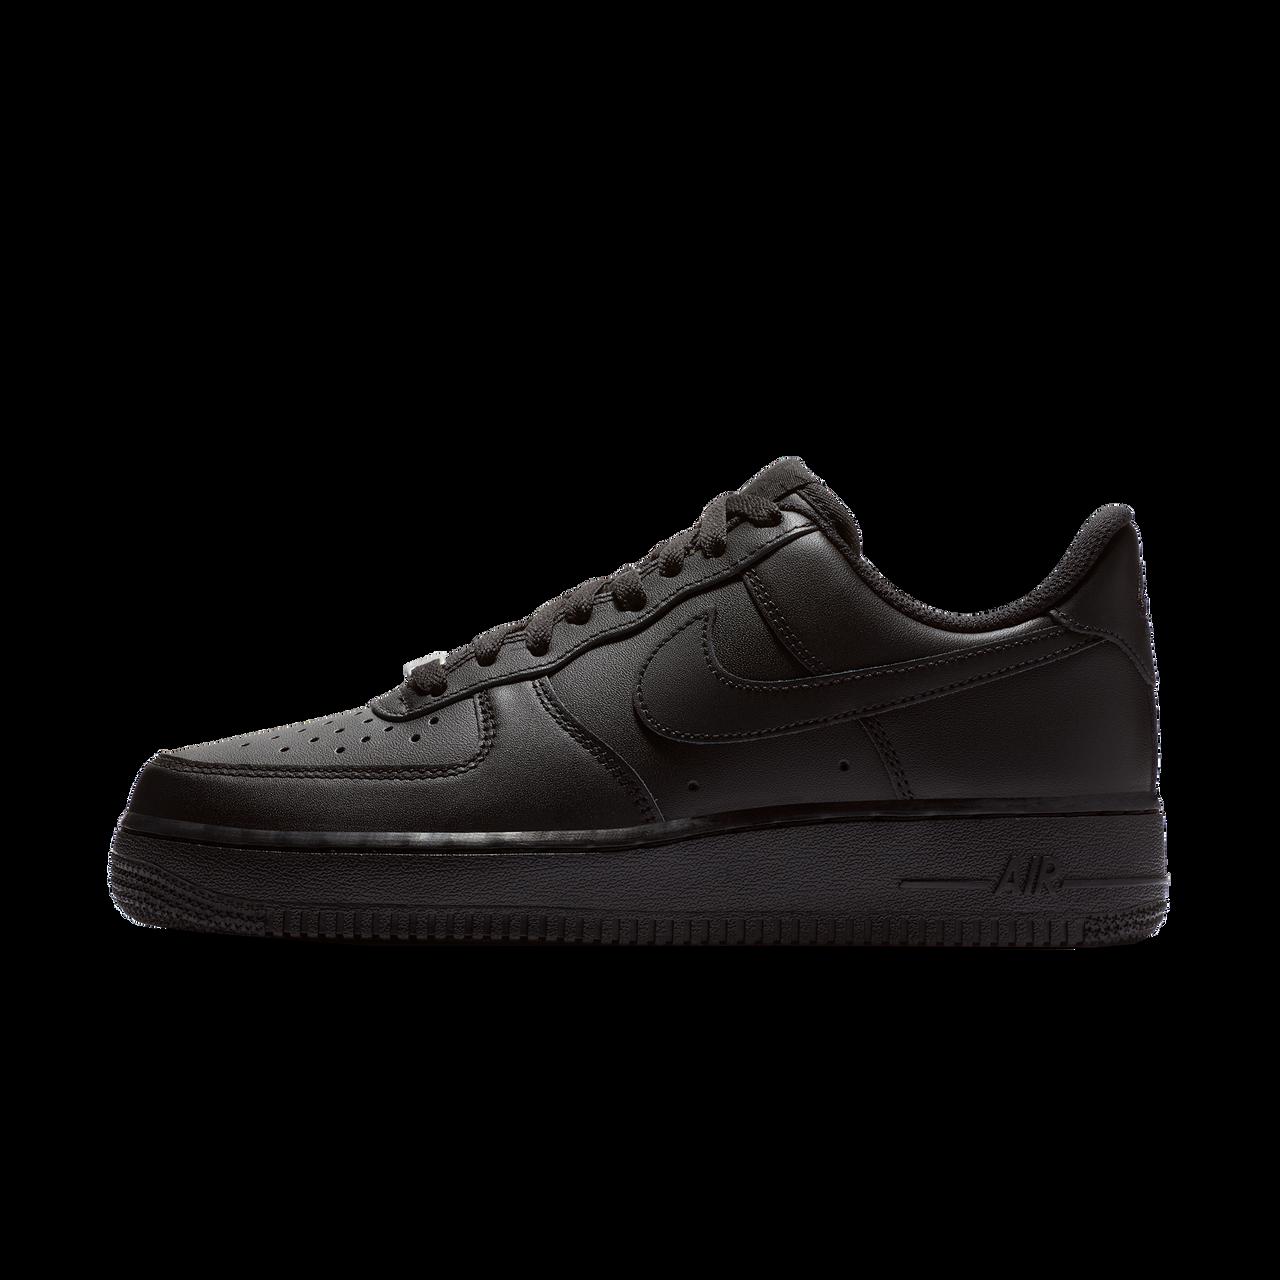 Nike Af 1 07 wmns - Black/Black